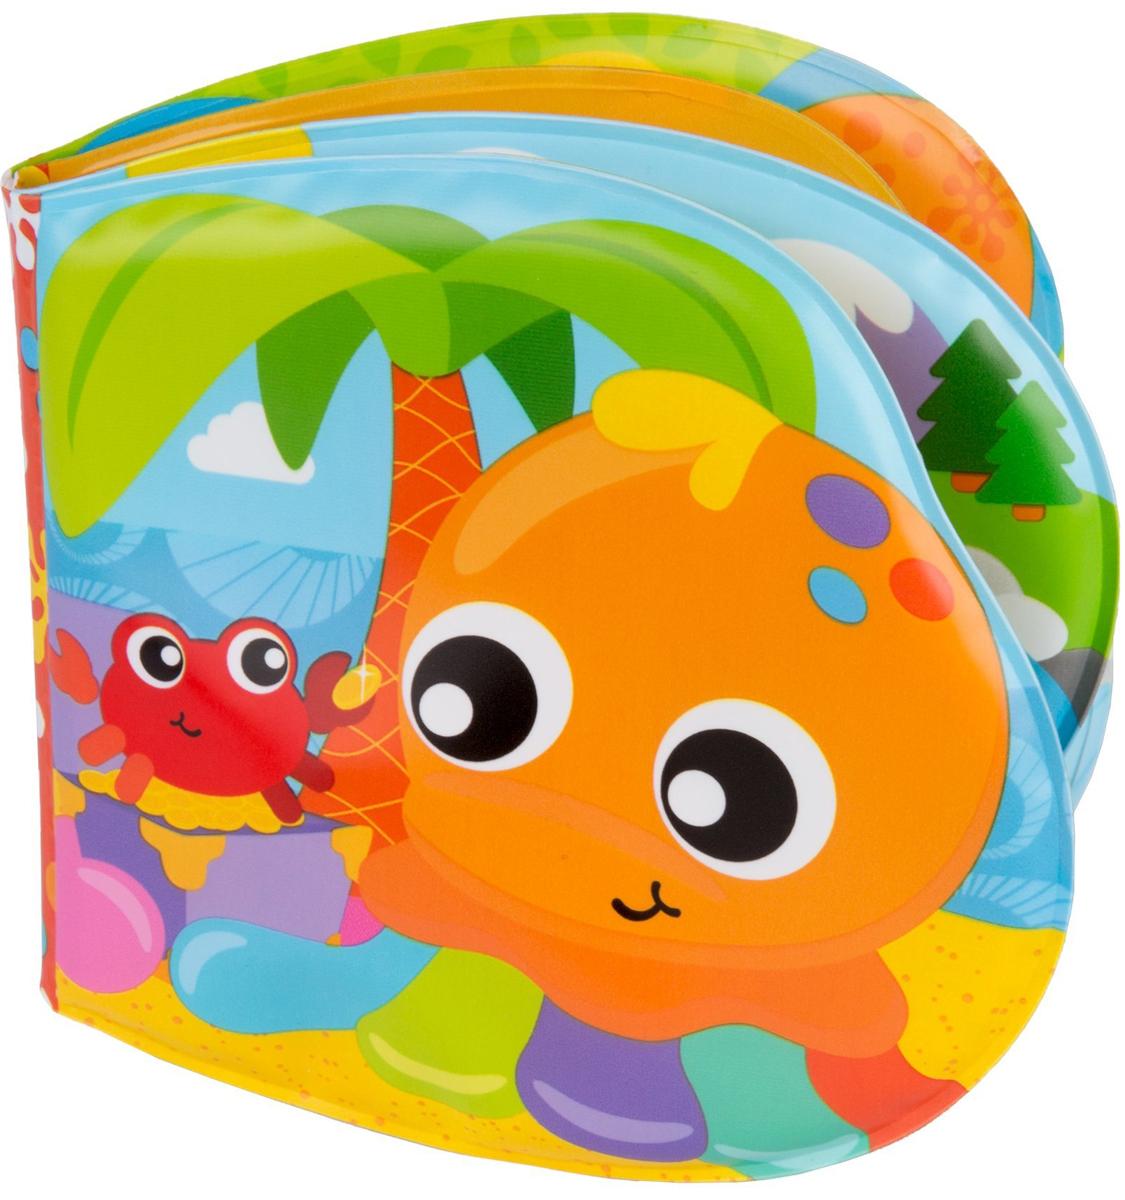 Playgro Игрушка для ванной Книжка с пищалкой playgro игрушка для ванной книжка пищалка